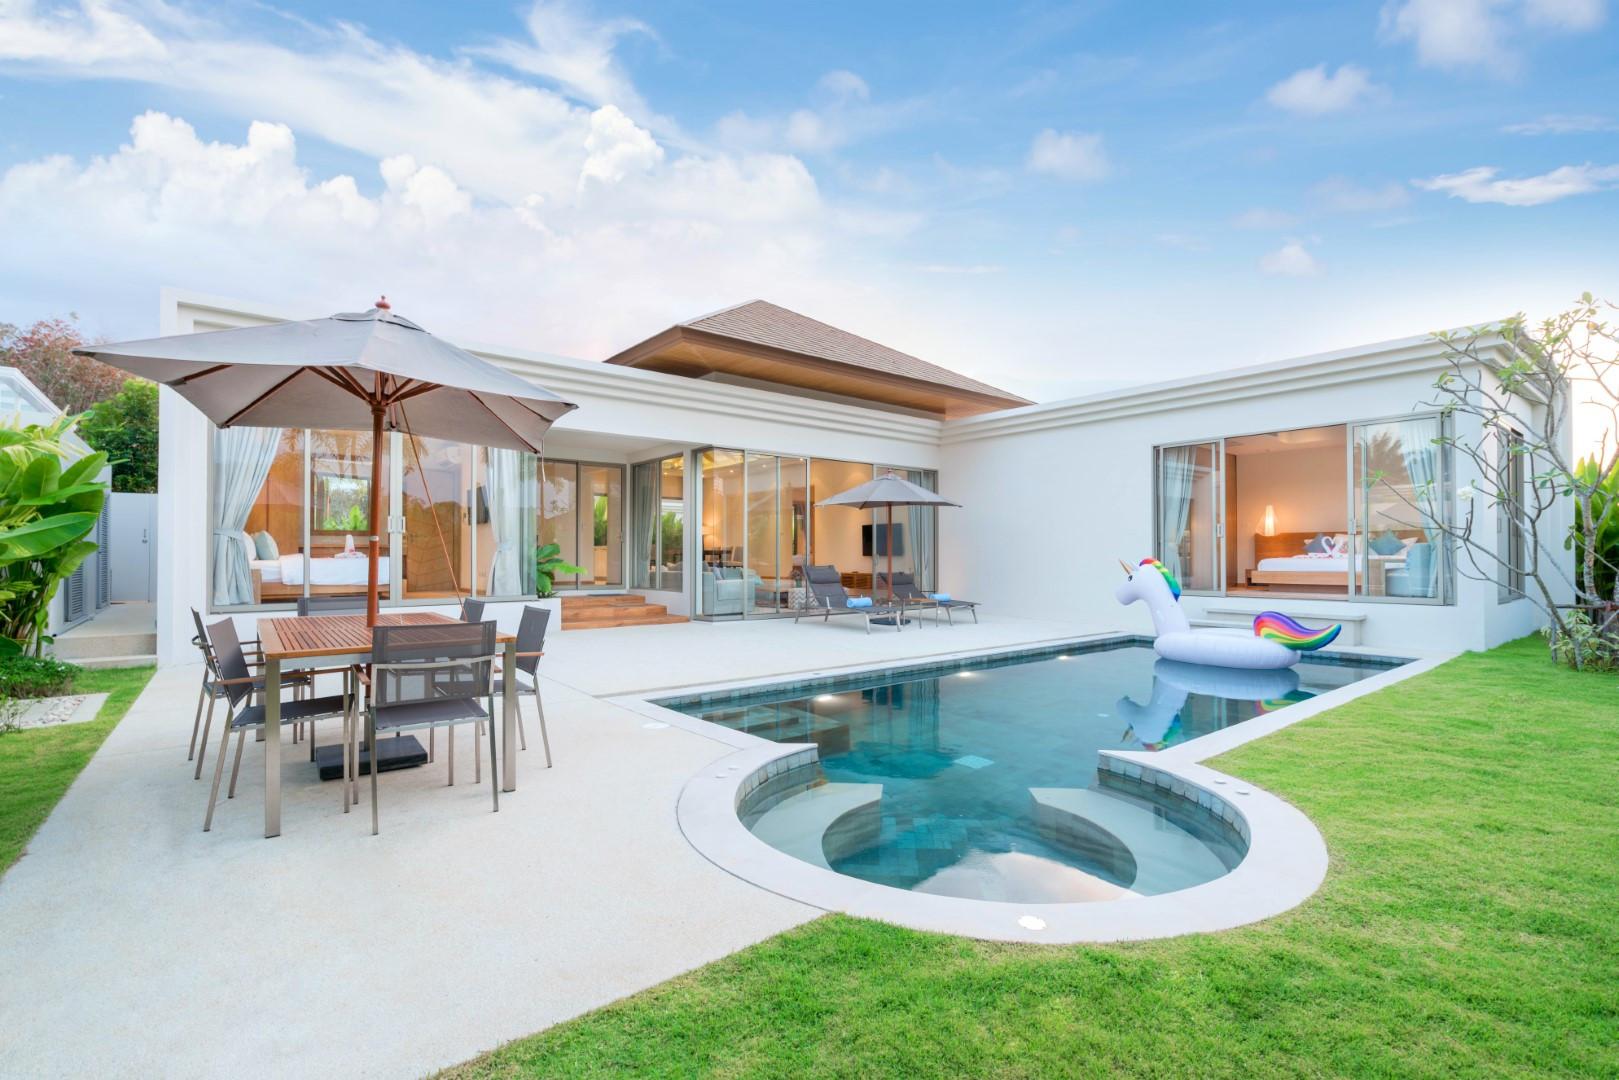 interior-exterior-design-pool-villa-whic